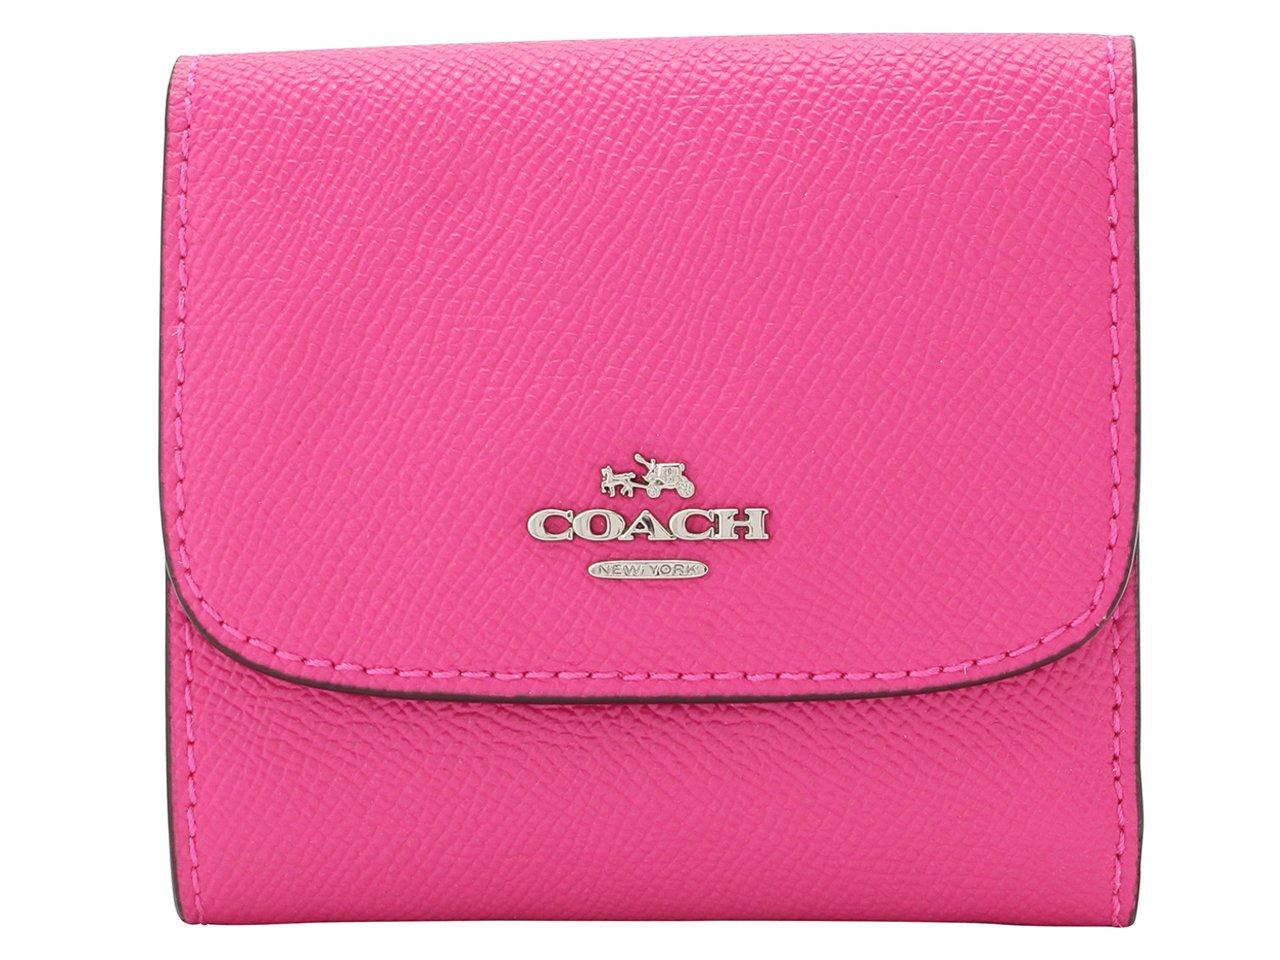 (コーチ) COACH 財布 三つ折り ミニ コンパクト レザー アウトレット [並行輸入品] B075DBZ191 ブライトフーシャ ブライトフーシャ